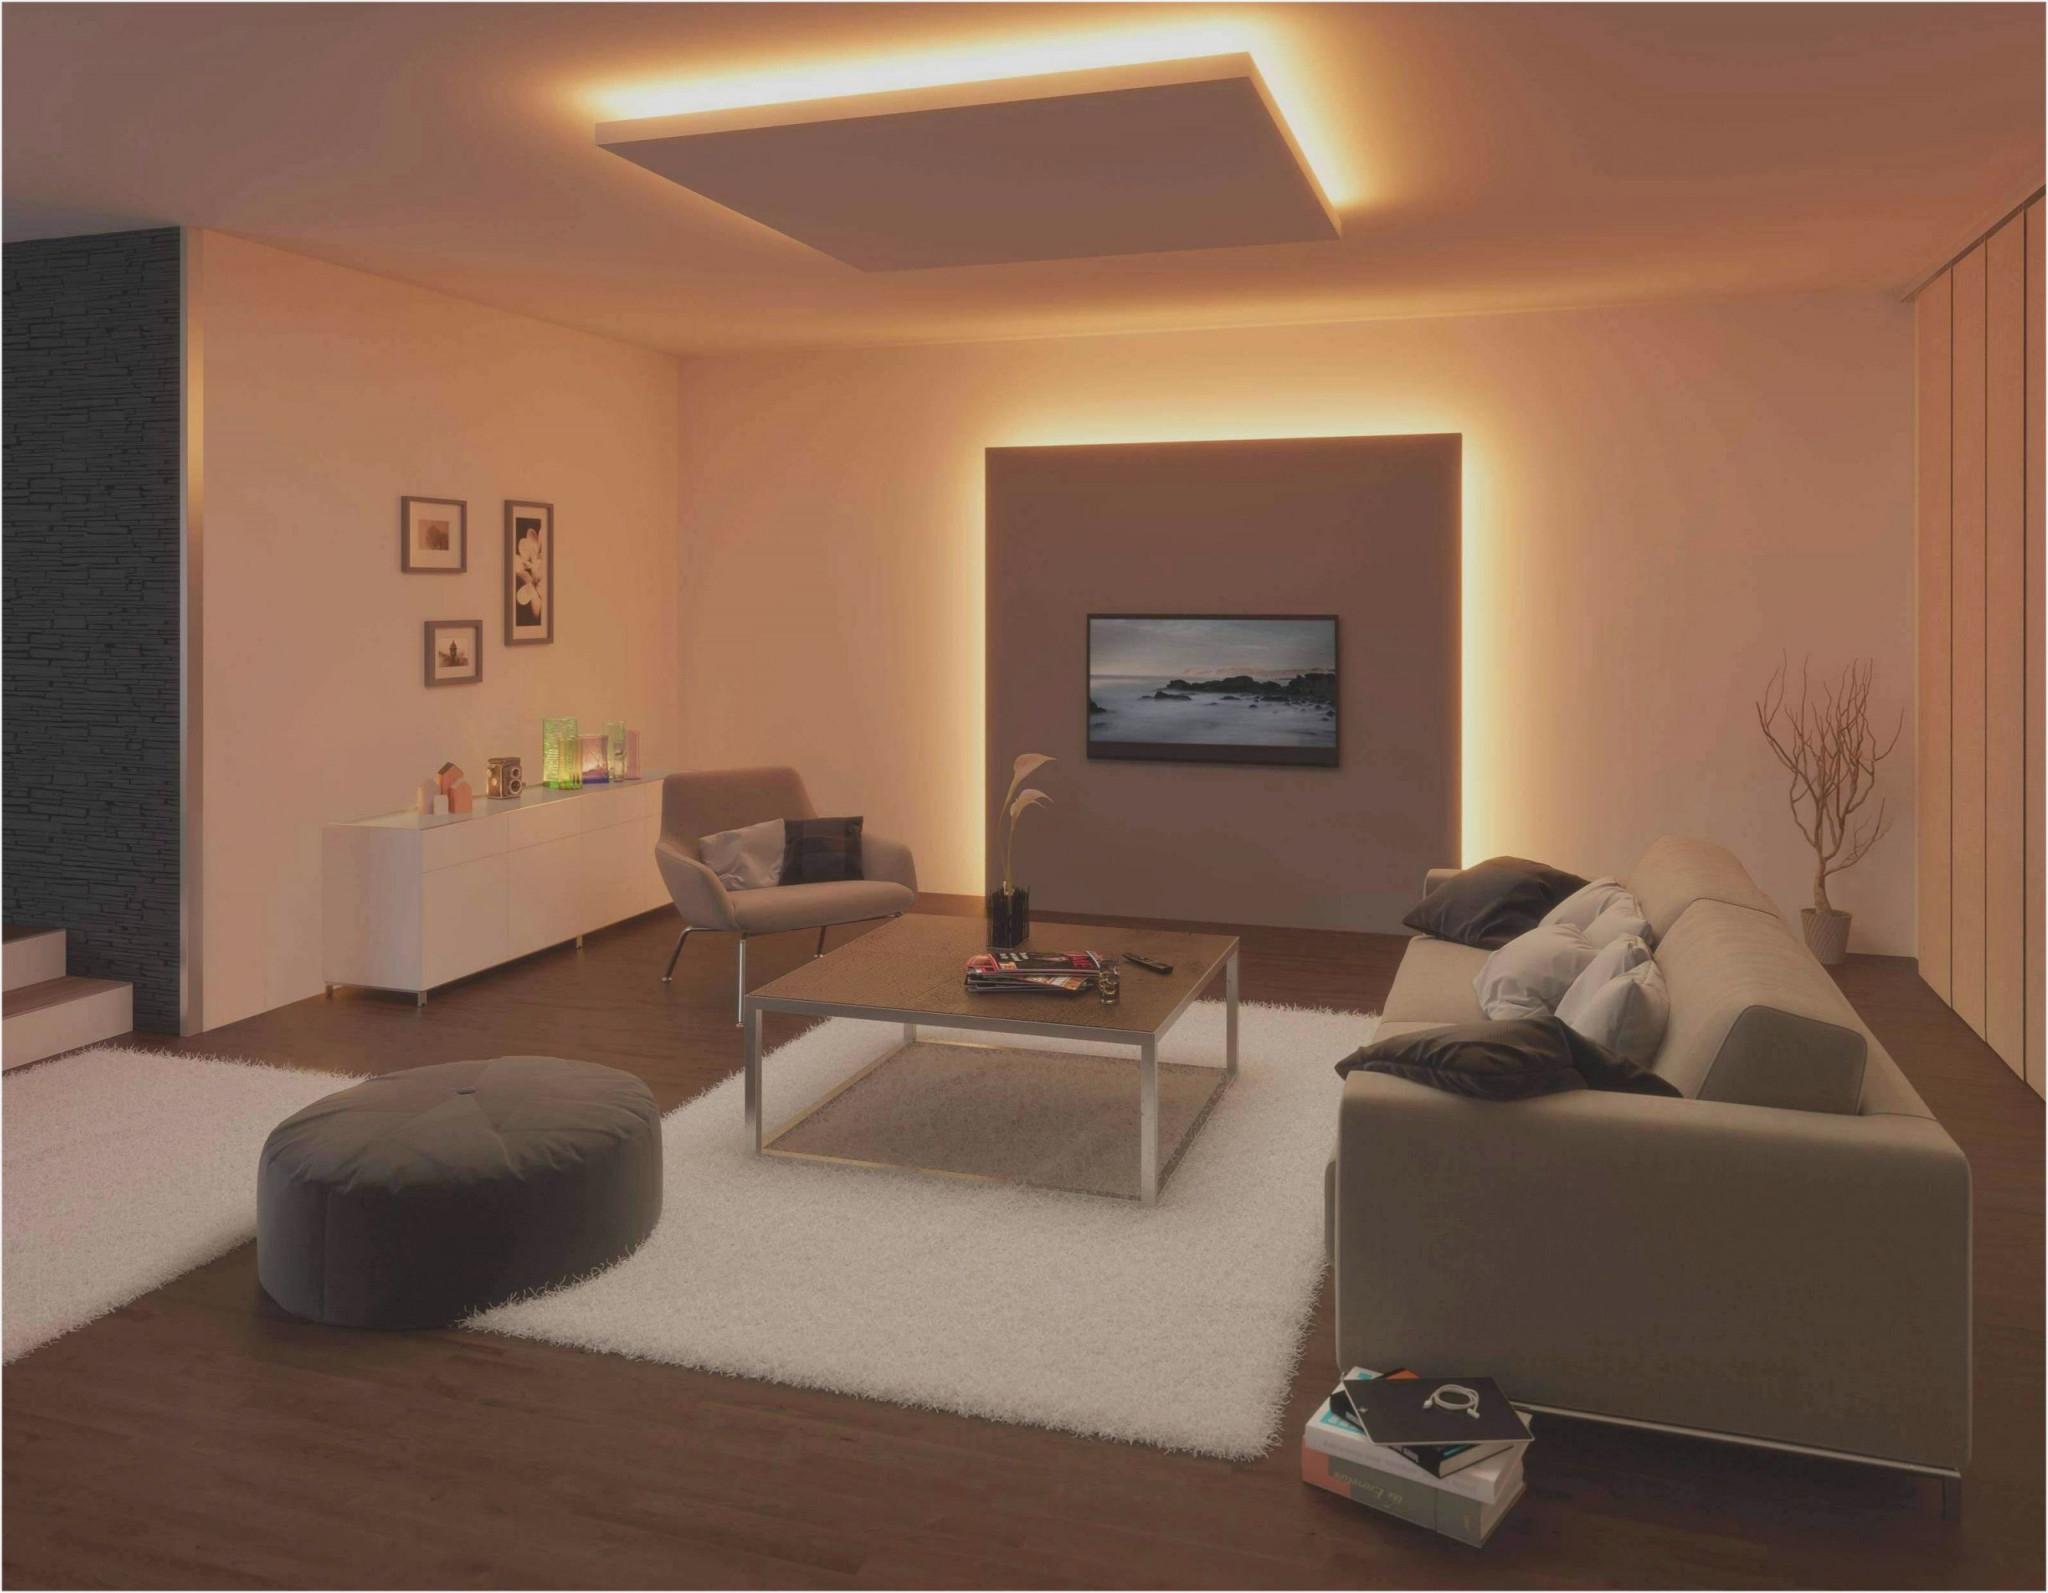 Neu Modelle Gold Wohnzimmer Lampen  Wohnzimmer  Traumhaus von Wohnzimmer Lampe Gold Bild